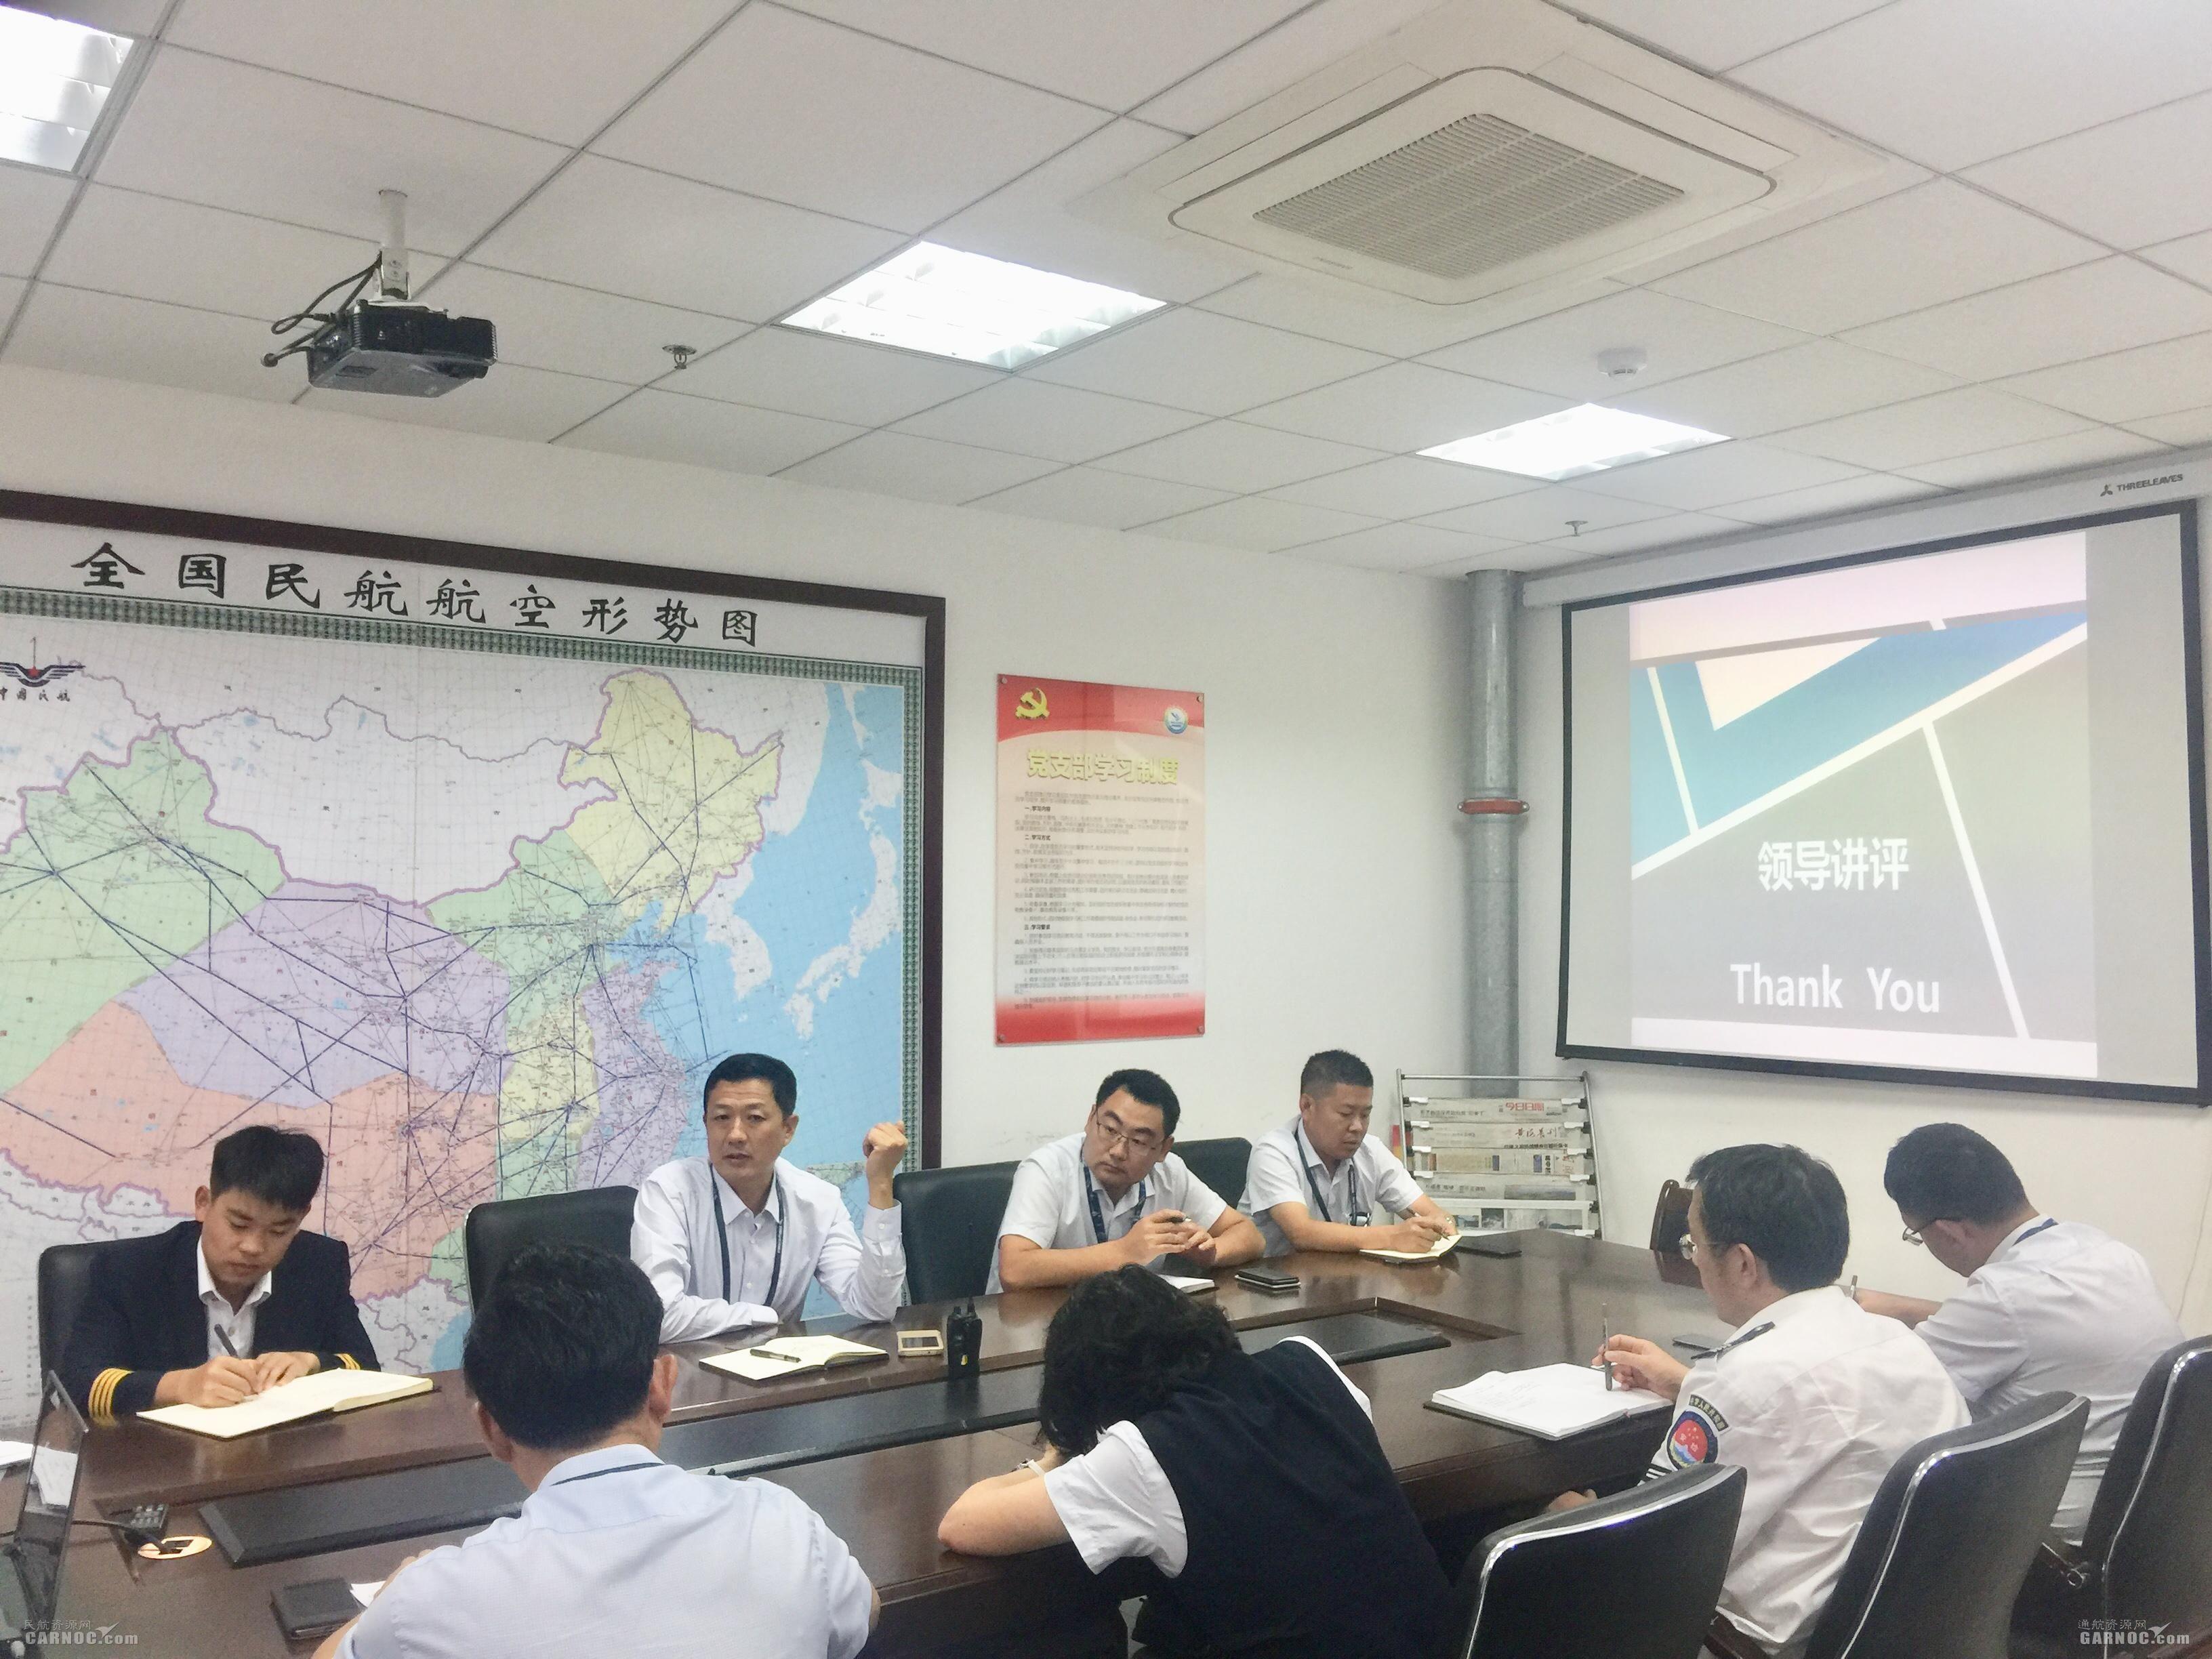 日照机场组织召开通用航空季度安全形势分析会|新闻动态-飞翔通航(北京)服务有限责任公司